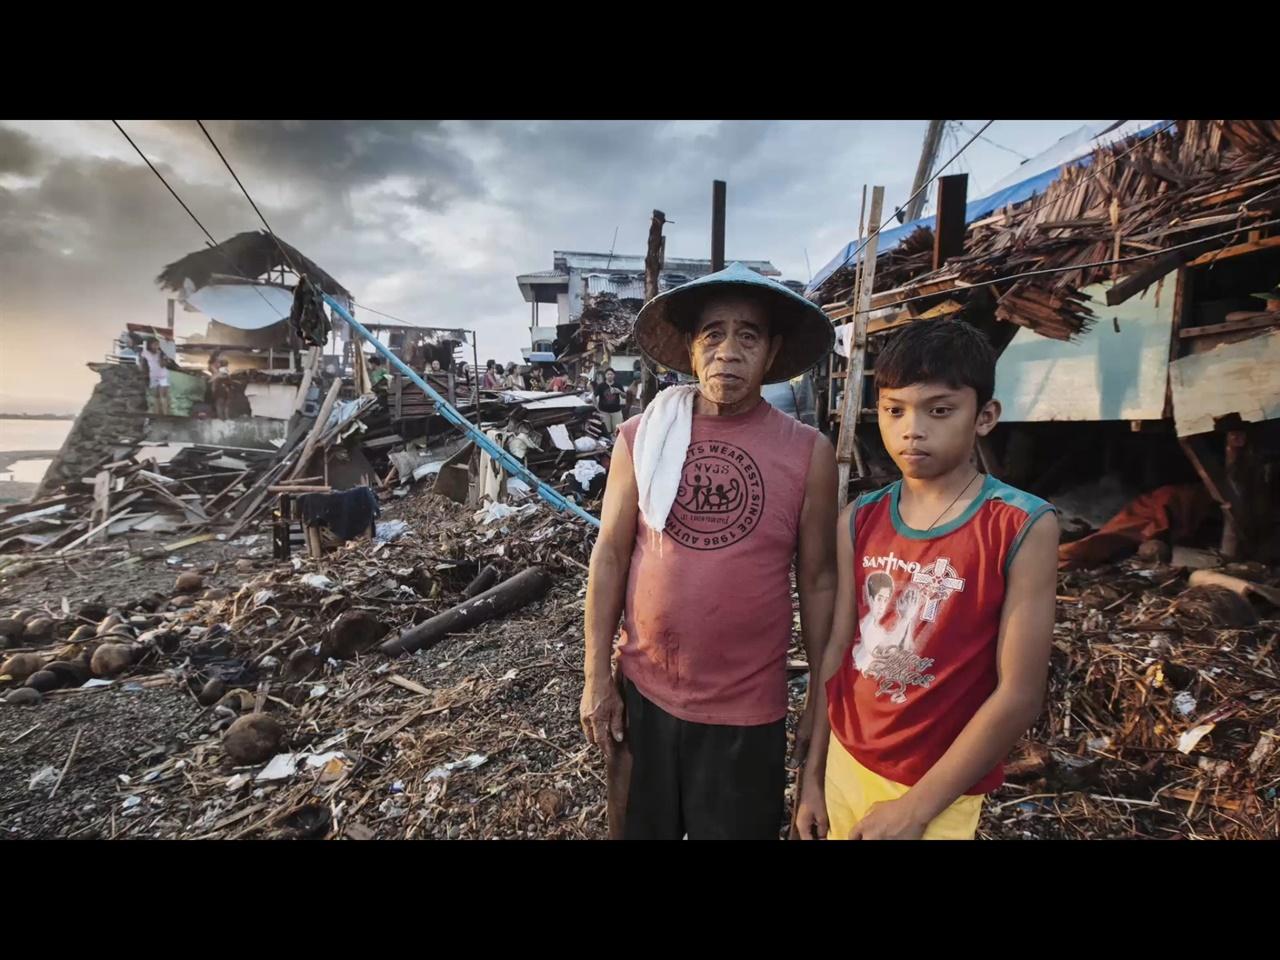 태풍피해를 입은 필리핀의 아버지와 아들  다큐멘터리 <소녀와 태풍>의 한 장면으로, 2013년 필리핀을 강타했던 슈퍼태풍 하이얀의 생존자들의 모습.